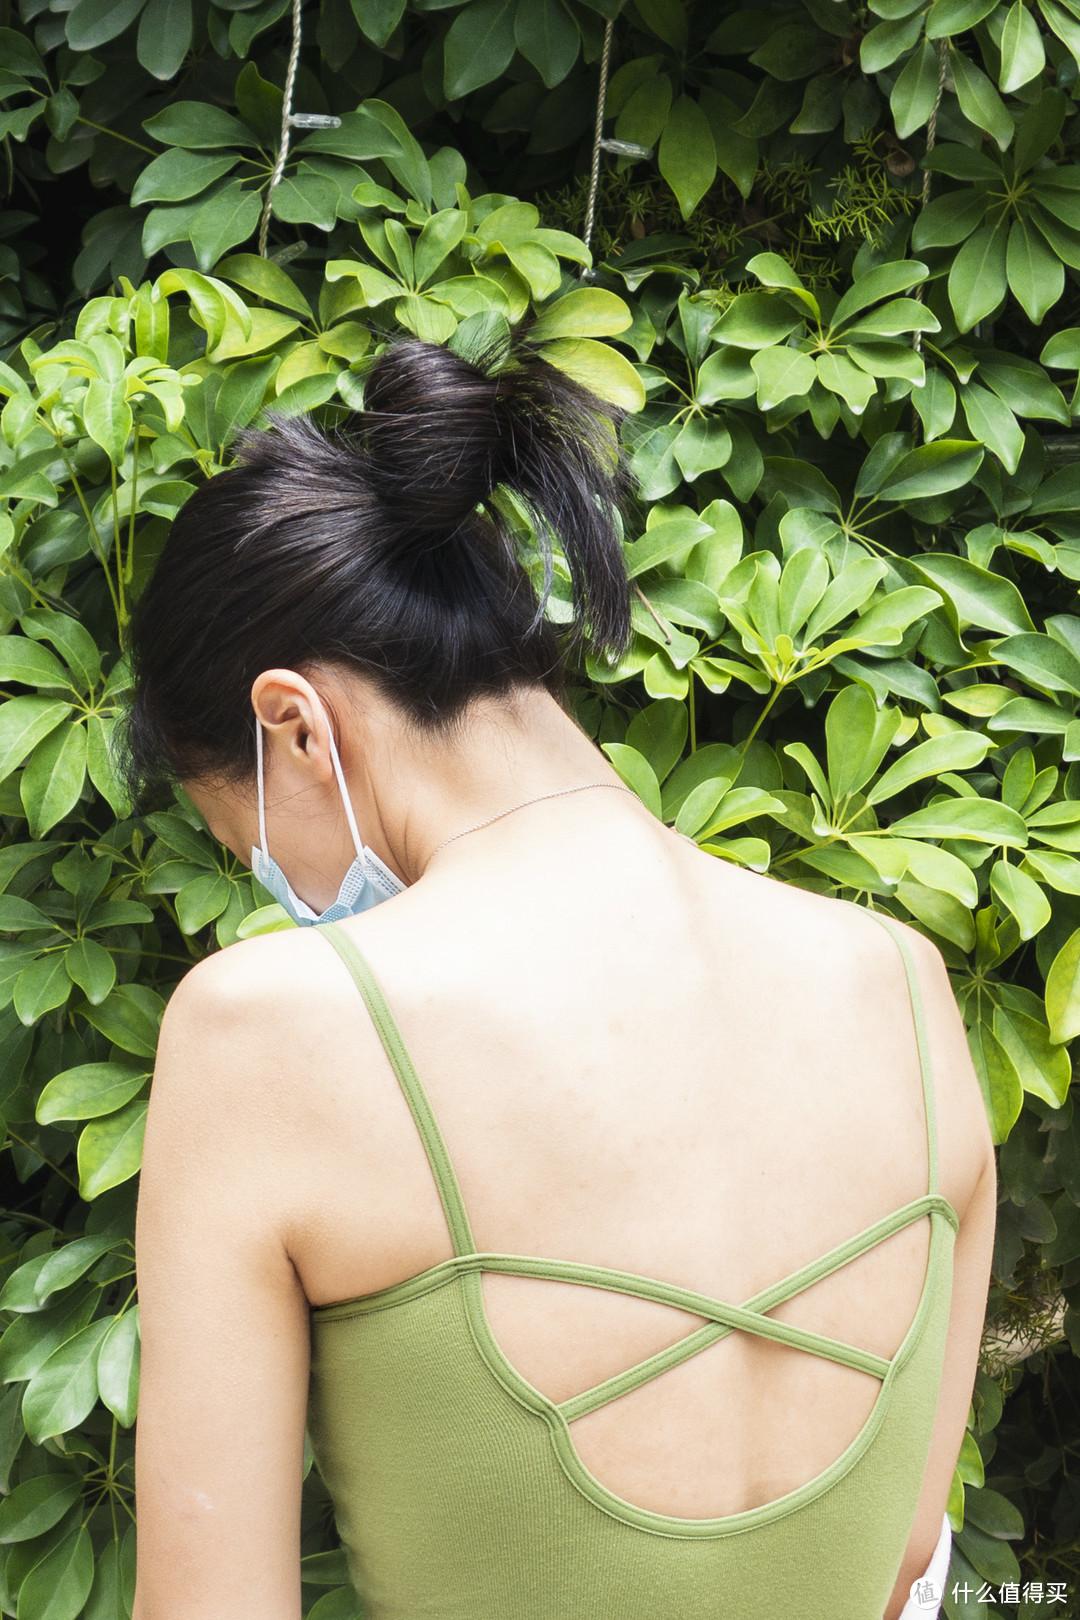 简单舒适,夏季好穿搭——爱慕半夏无托背心式文胸AM175701